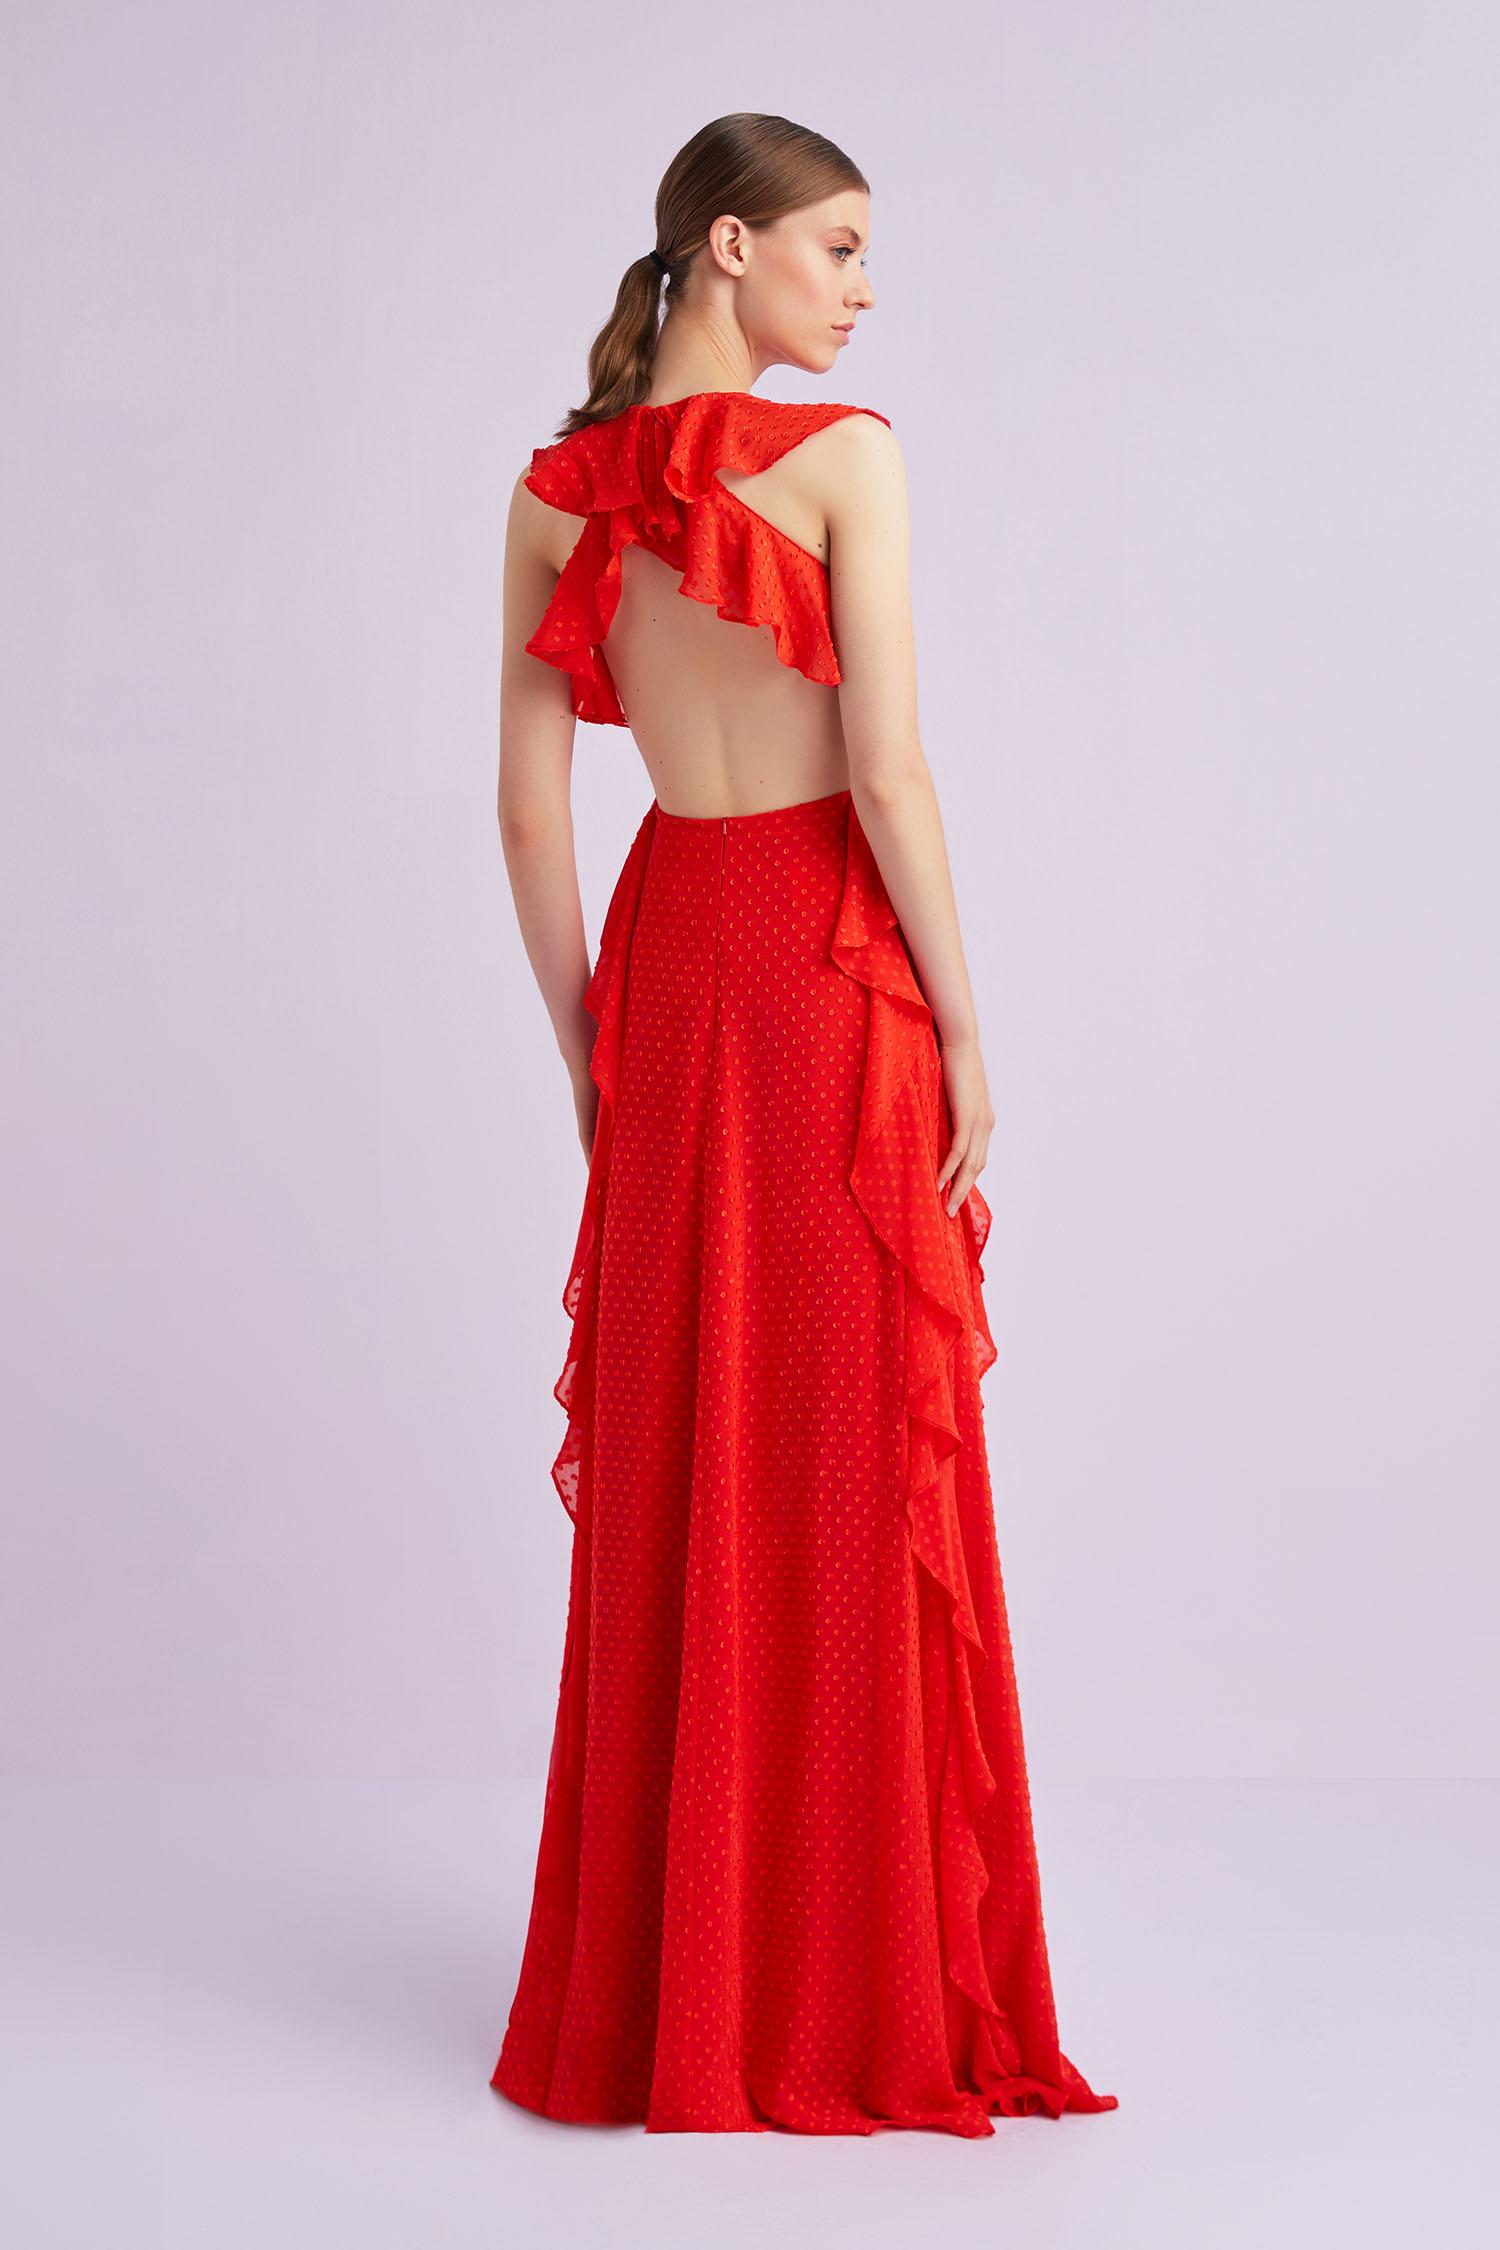 Nar Kırmızısı Askılı Sırt Dekolteli Fırfırlı Şifon Abiye Elbise - Thumbnail